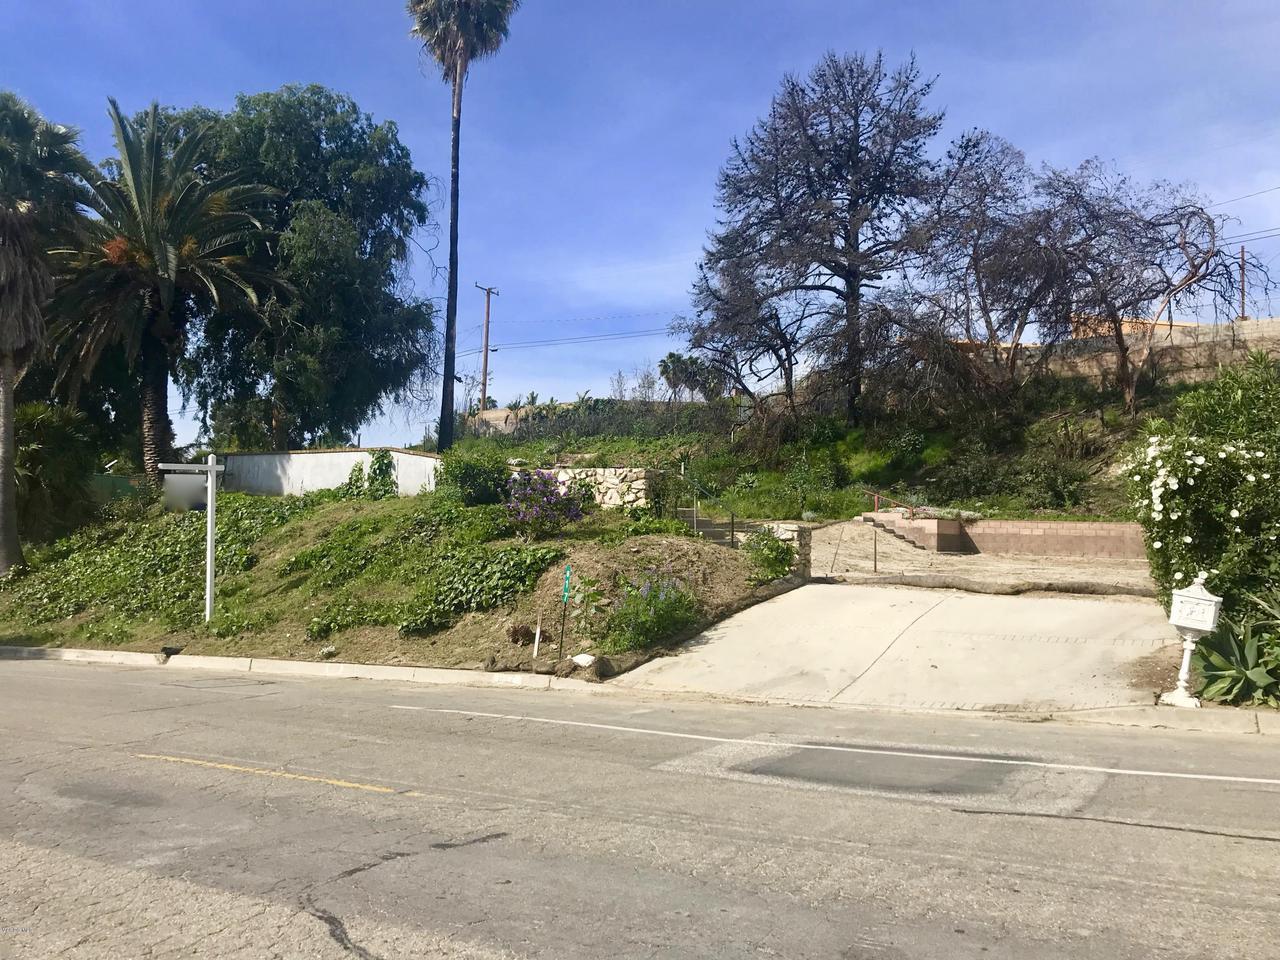 817 COLINA, Ventura, CA 93003 - fullsizeoutput_2e14